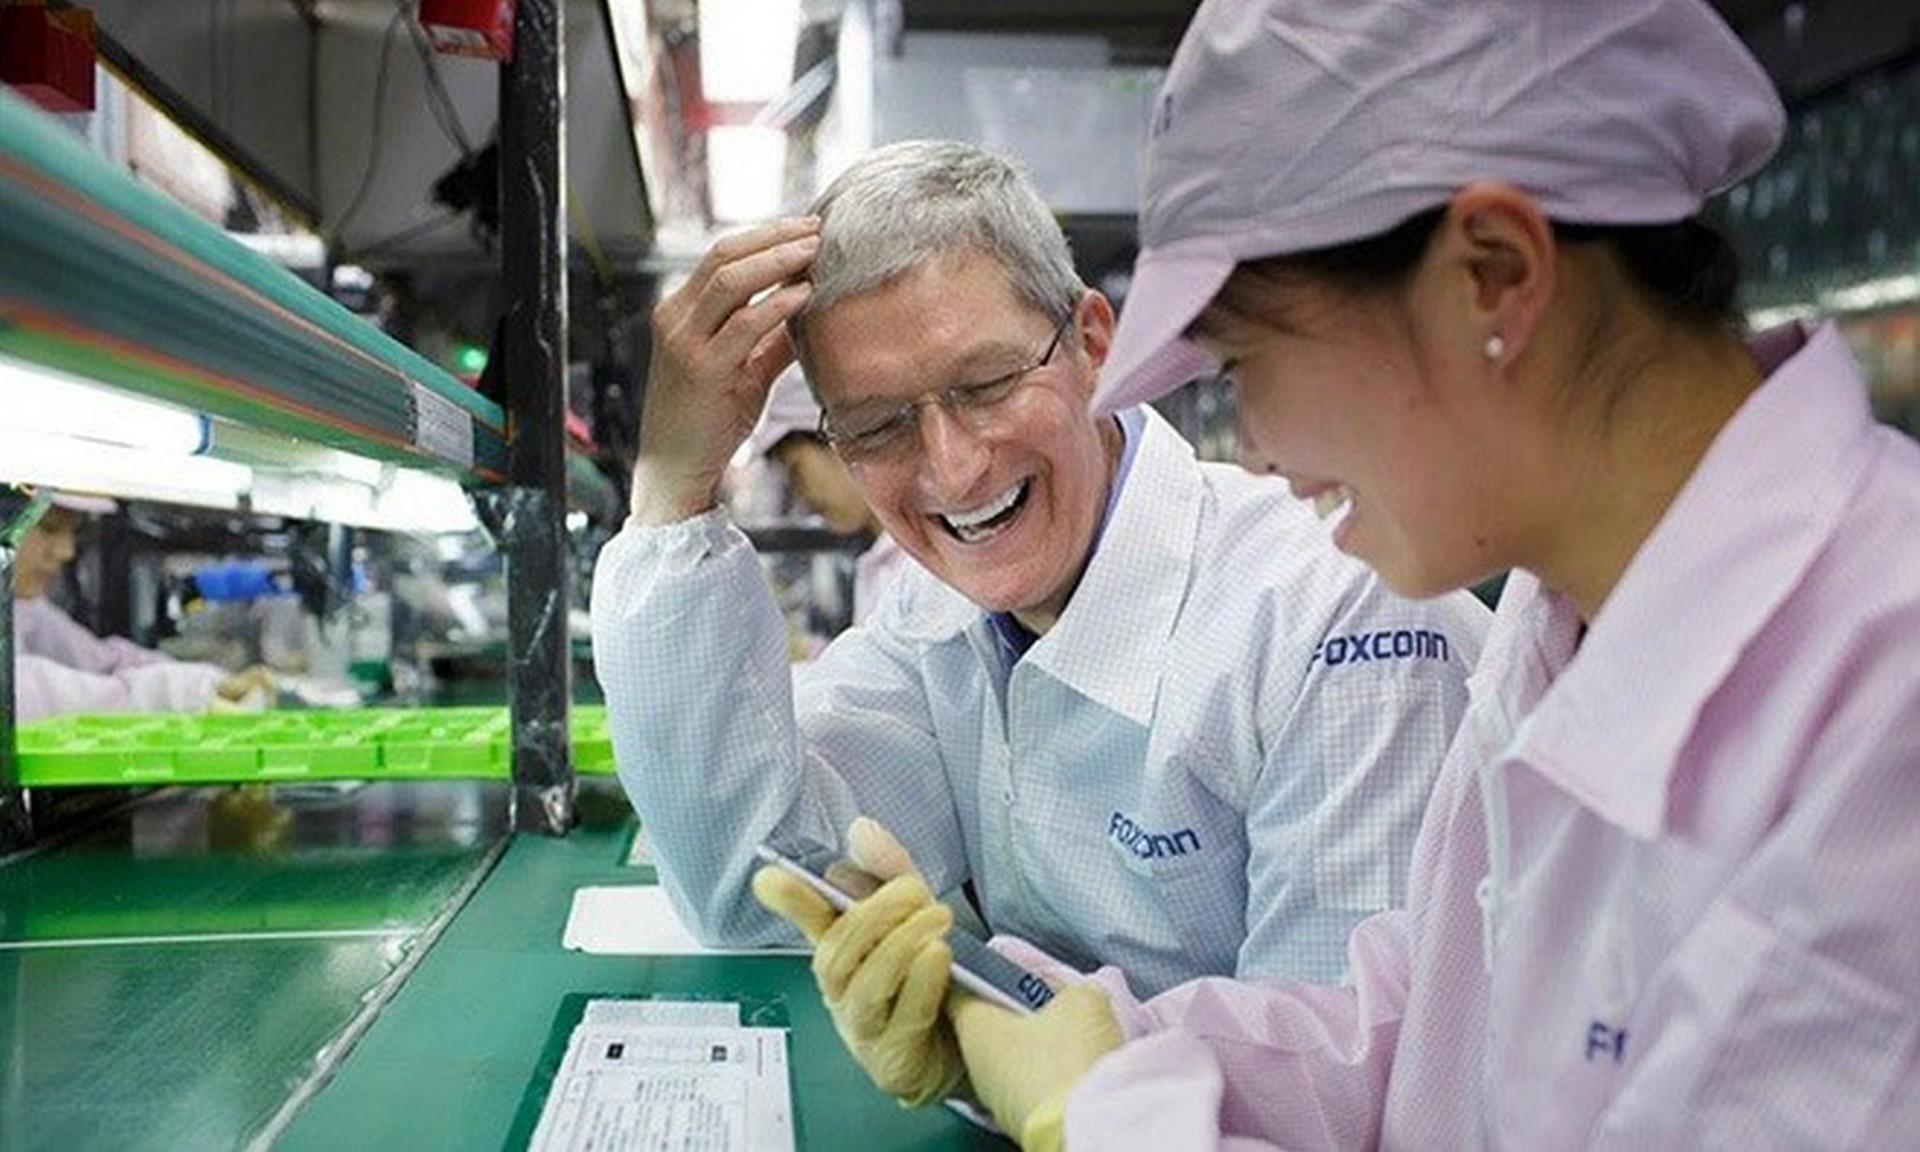 库克领导的苹果,在关怀供应链工人、解决环保问题等方面投入很大,已经成为苹果公司新的标签